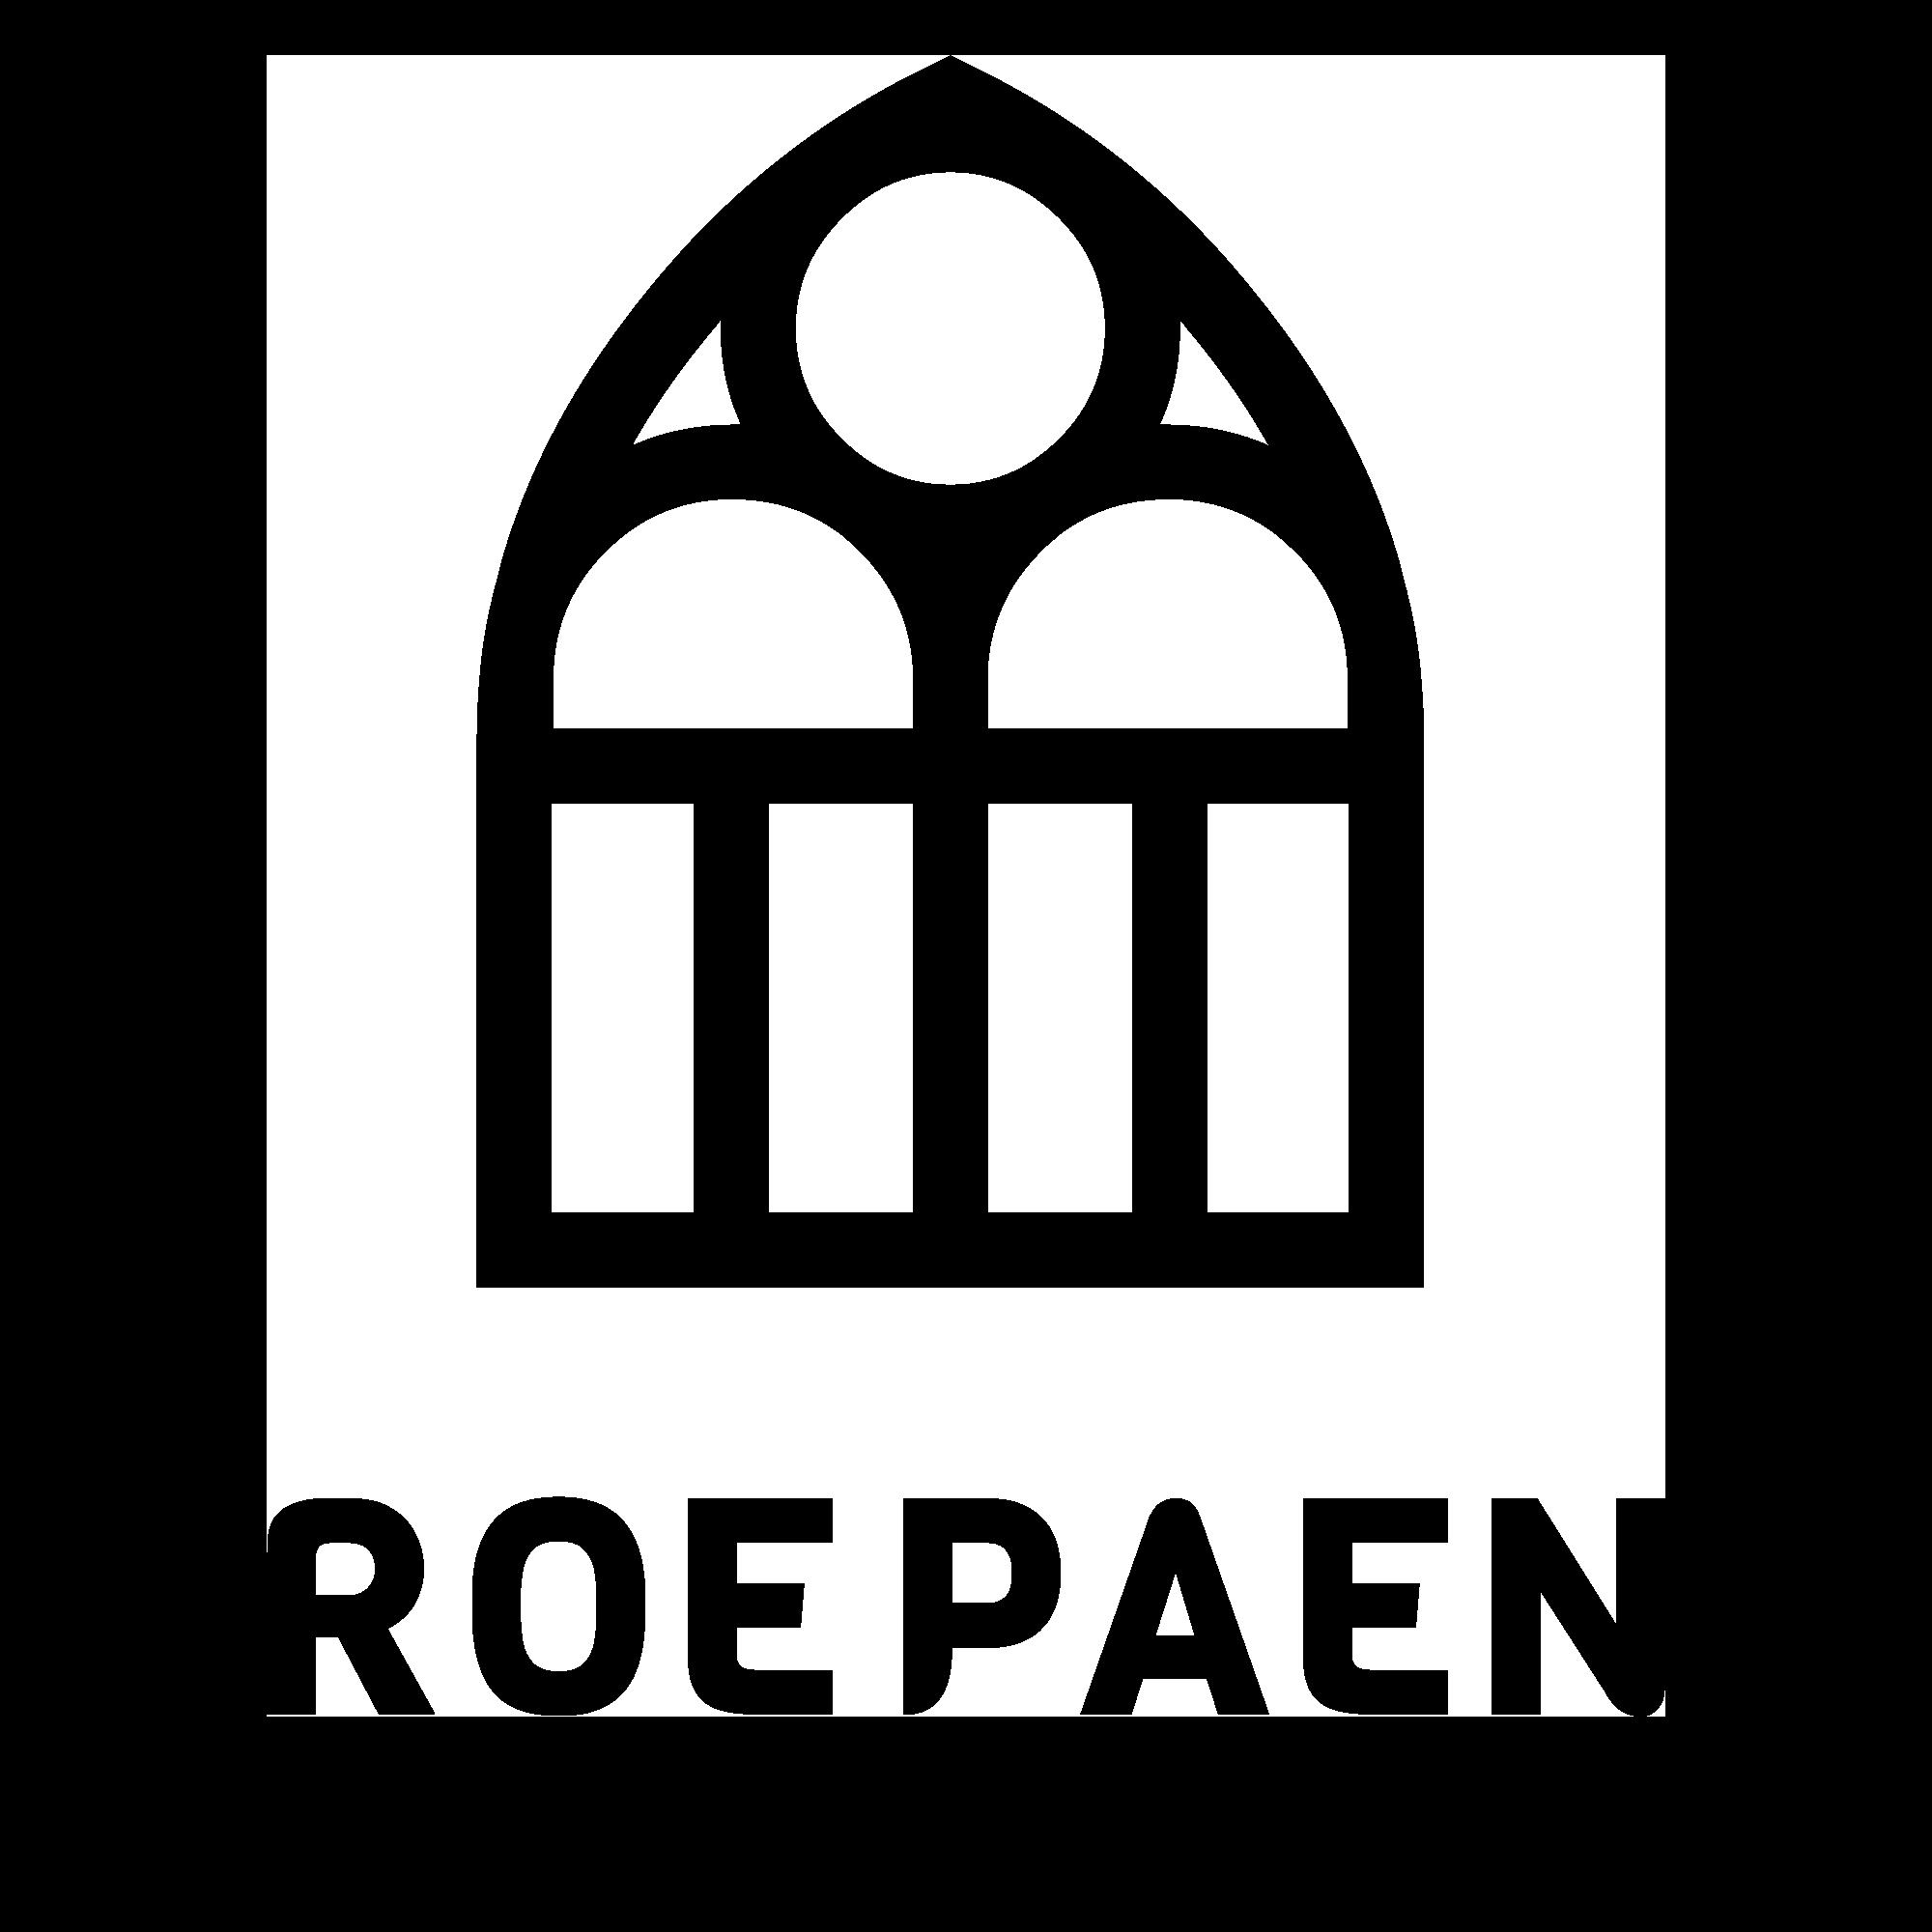 Roepaen Podium logo